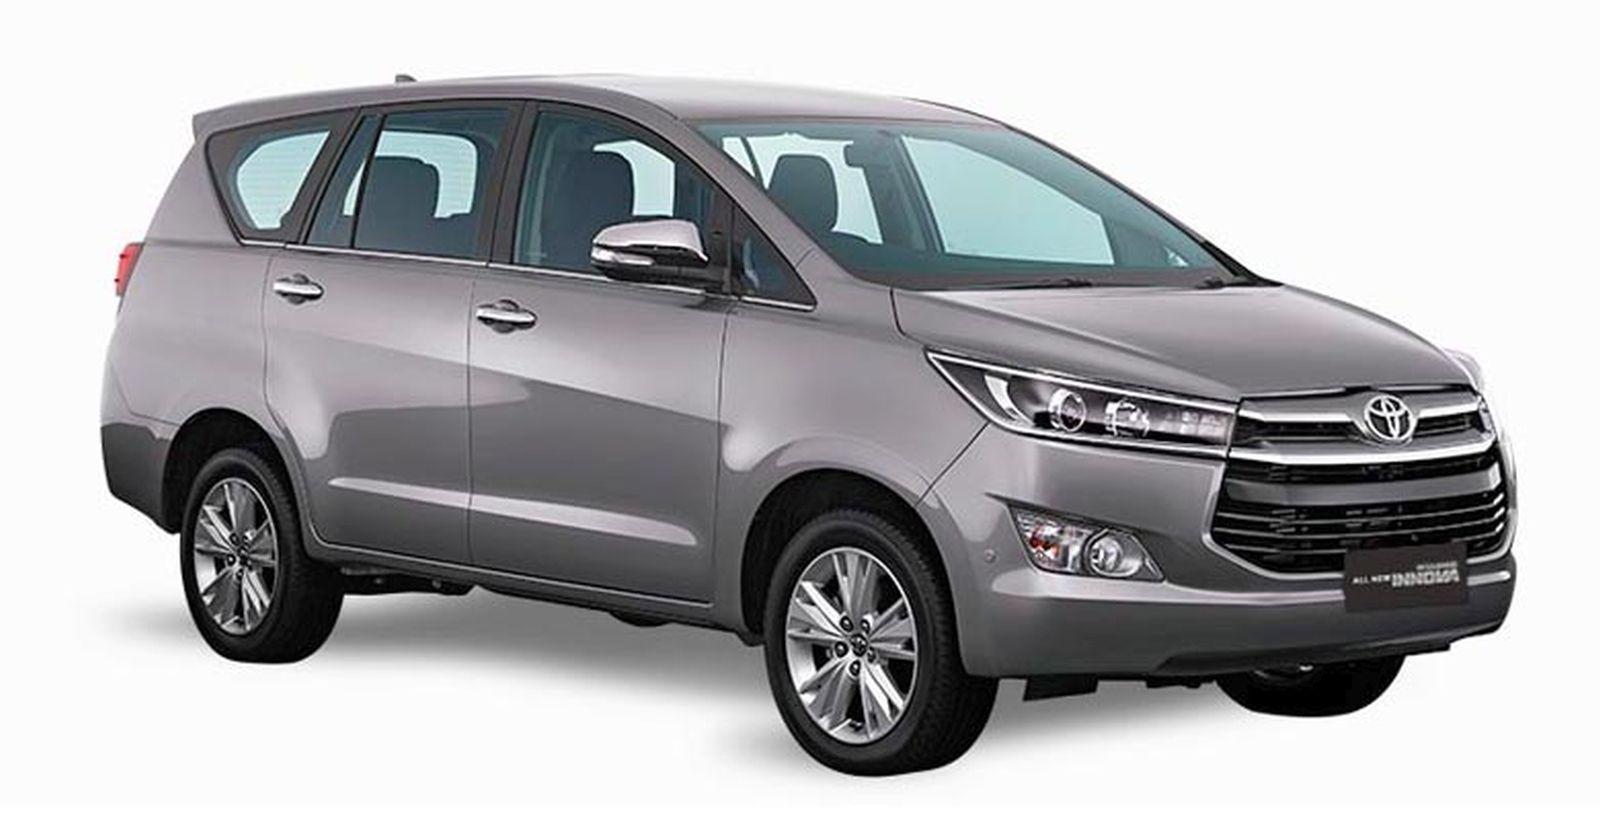 Toyota New Innova February 2016 10 15 lakh Toyota